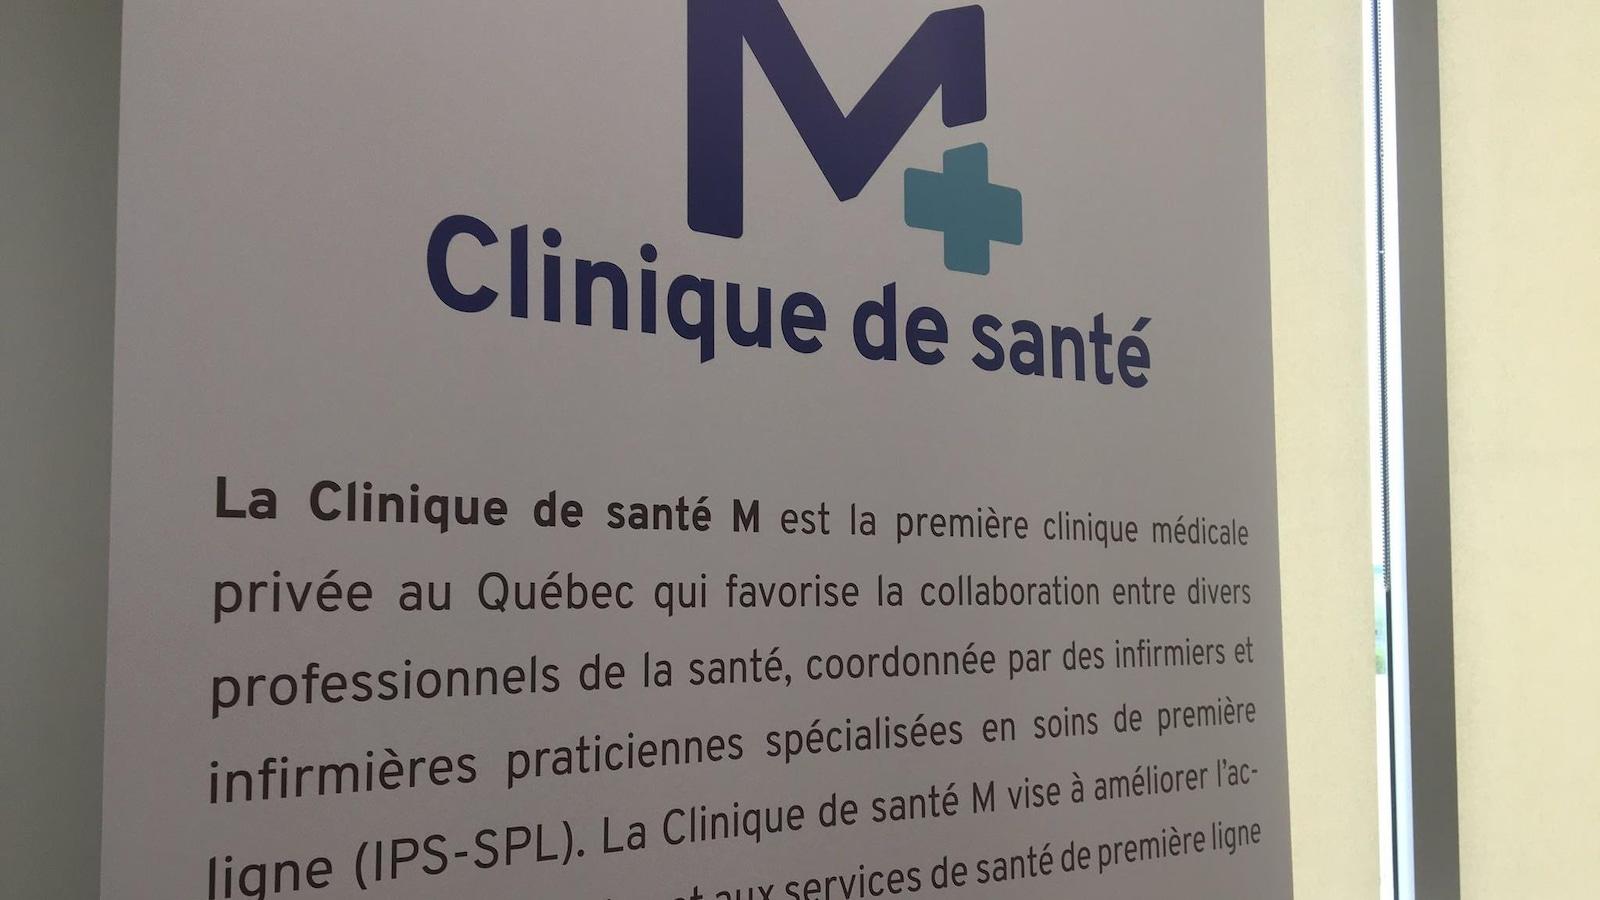 Affiche de la nouvelle clinique